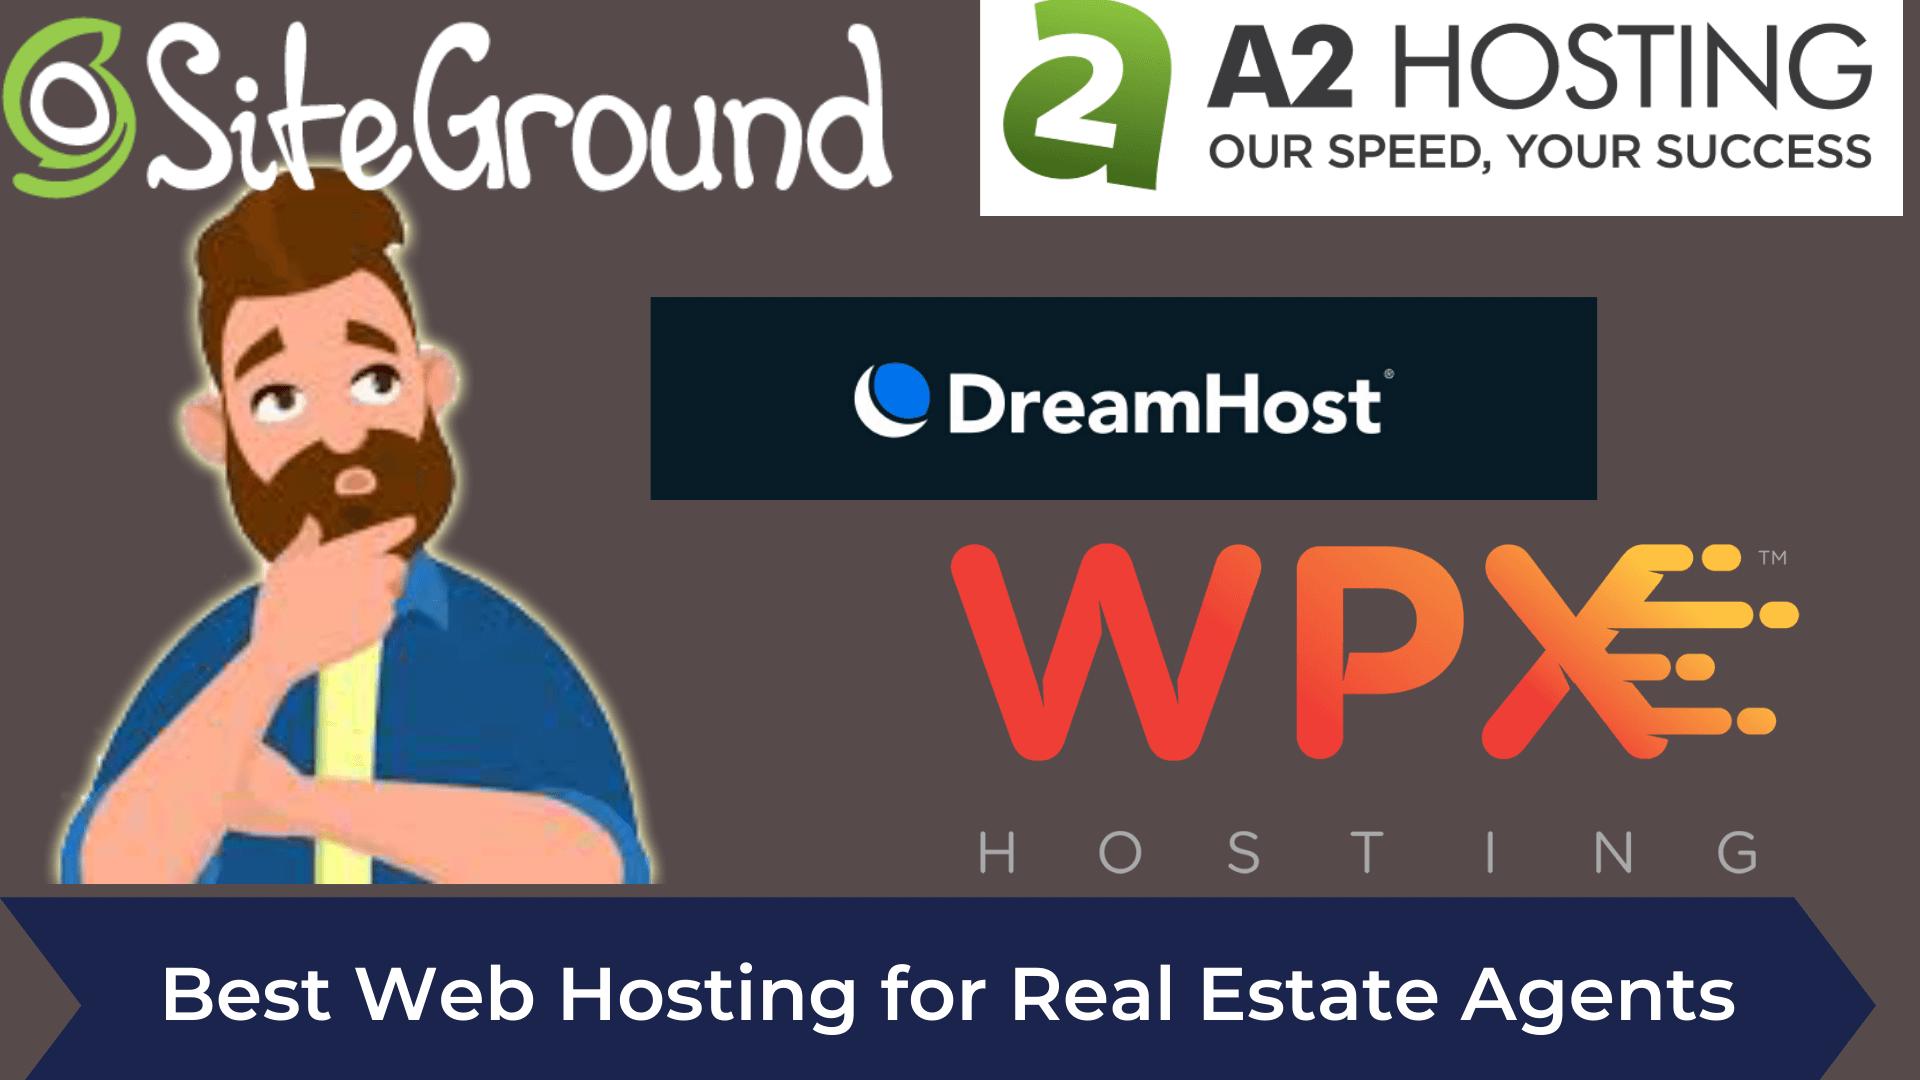 Best Web Hosting for Real Estate Agents